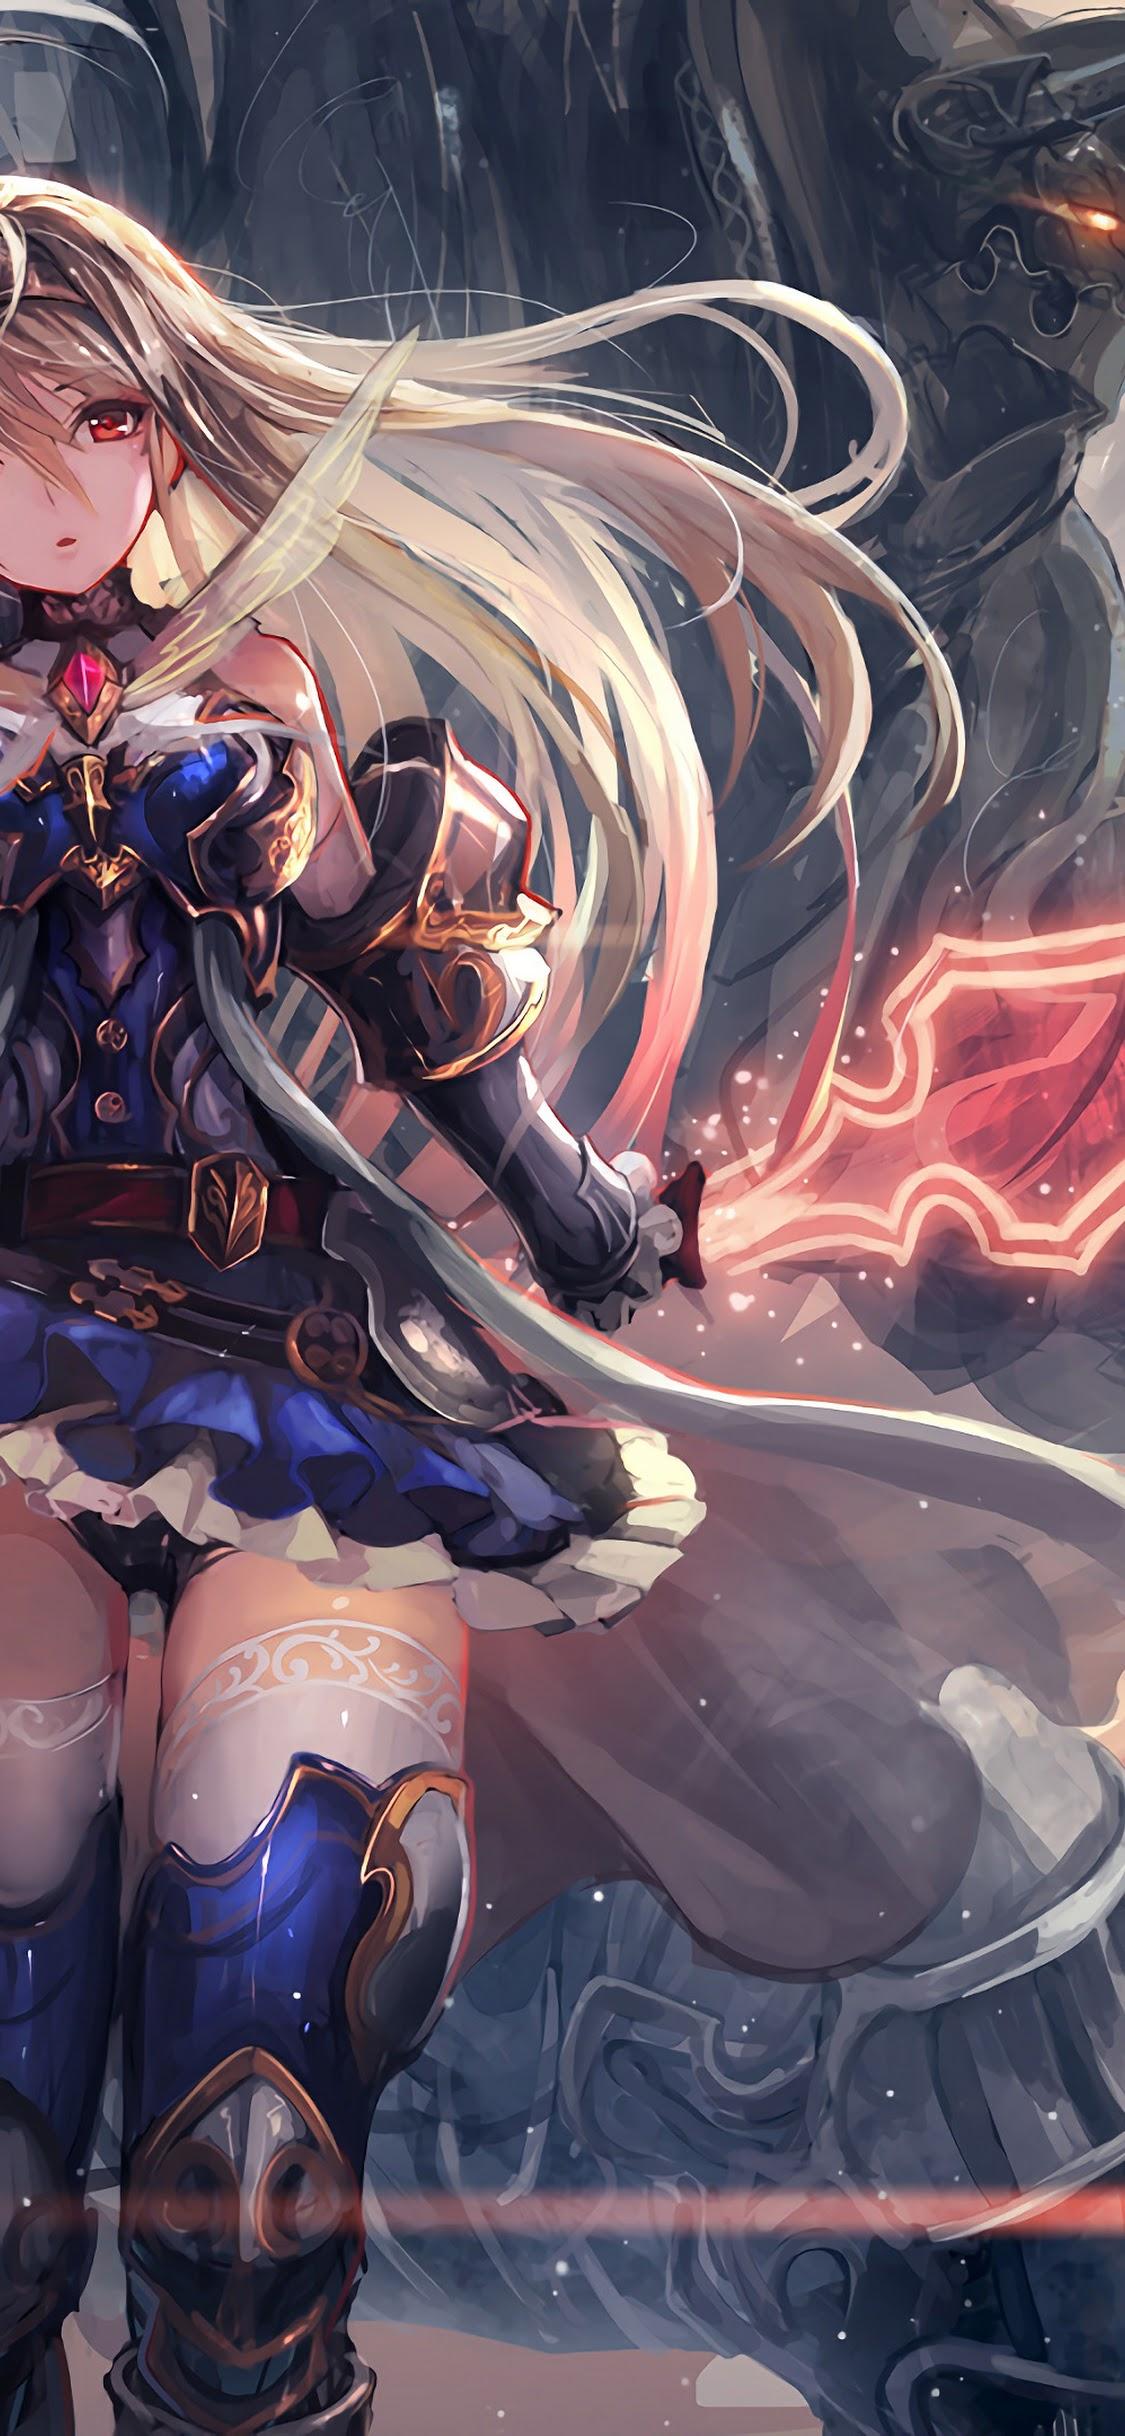 Anime Girl Fantasy Warrior 4k Wallpaper 83